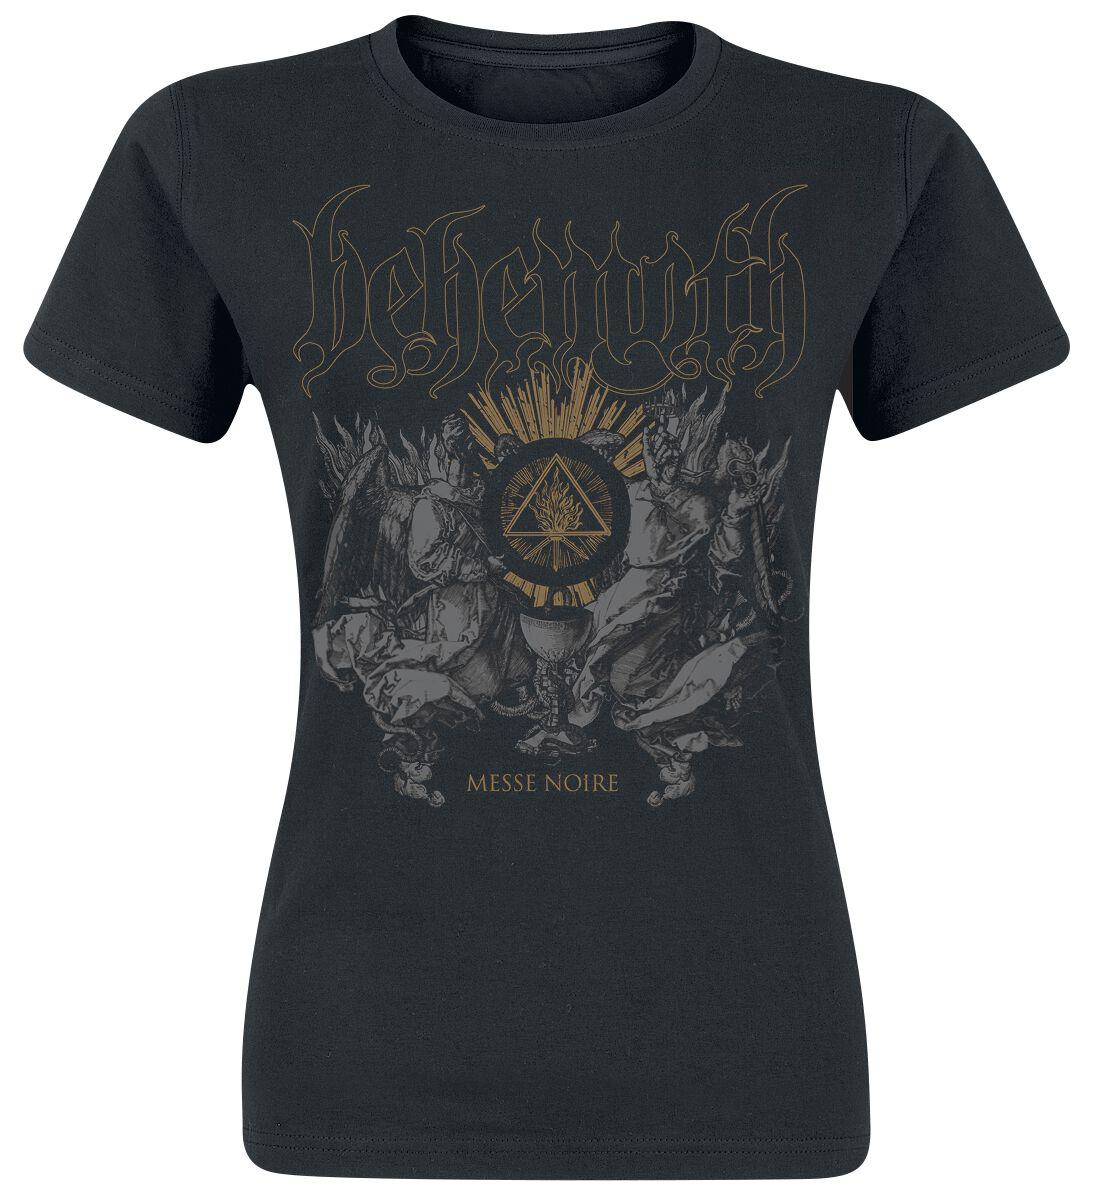 Zespoły - Koszulki - Koszulka damska Behemoth Messe Noire Koszulka damska czarny - 373563